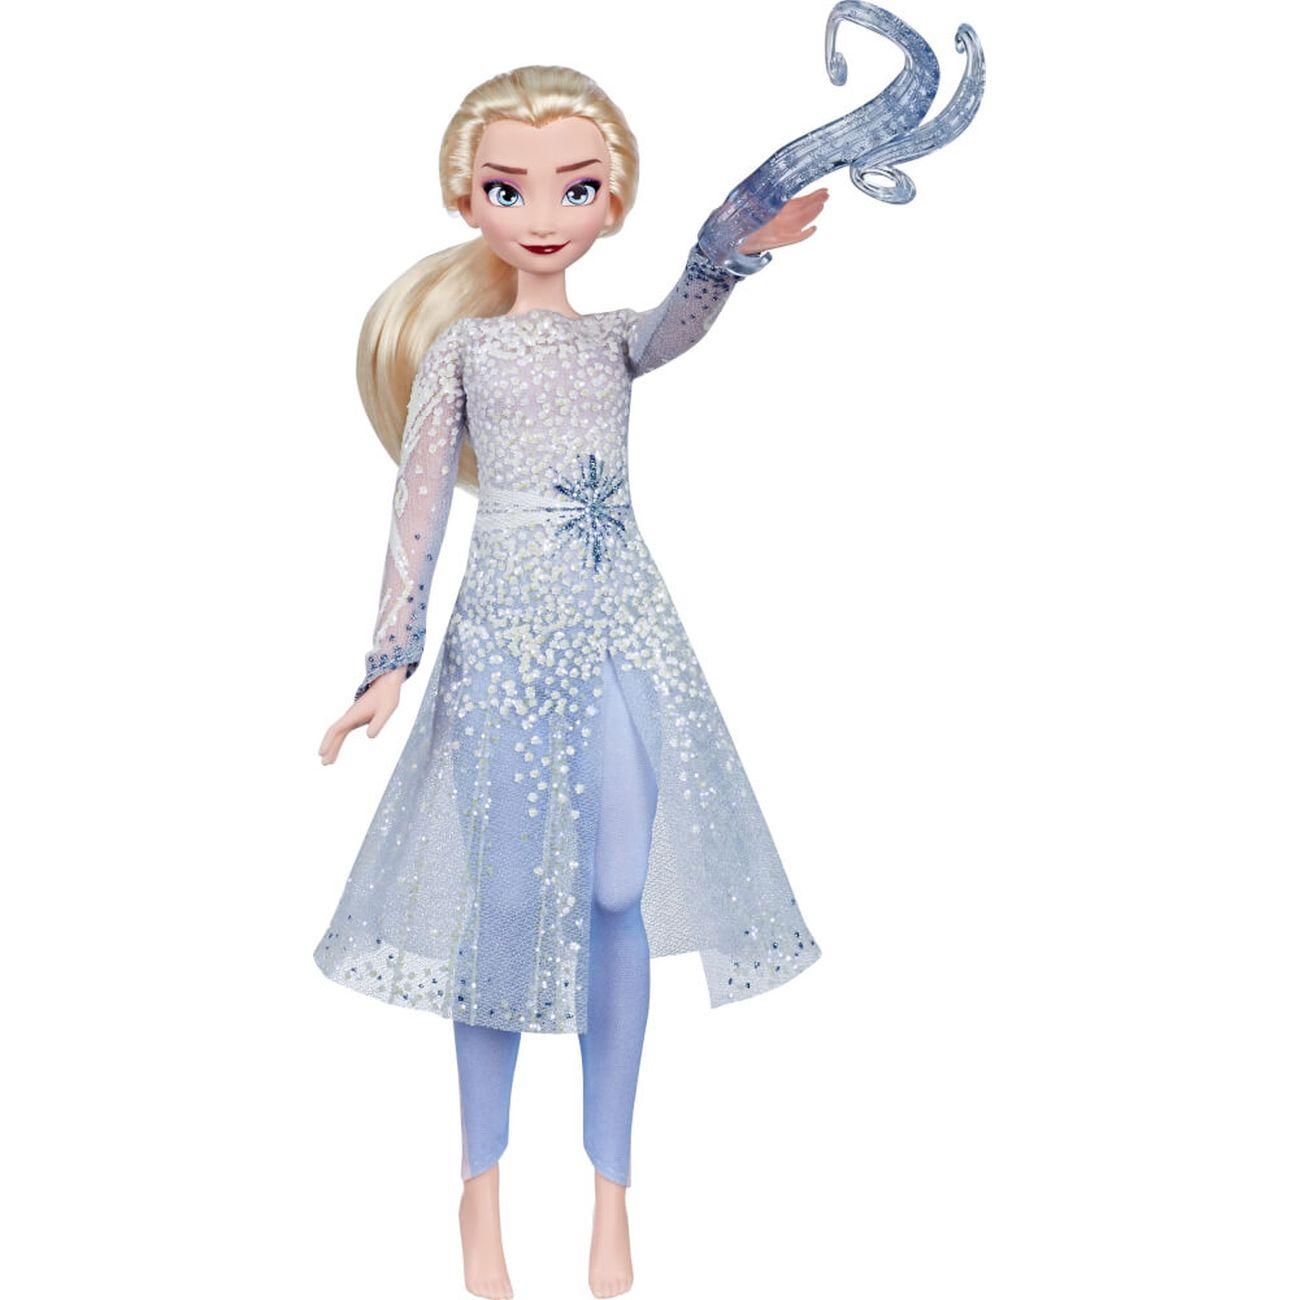 Купить Disney Princess Кукла ХОЛОДНОЕ СЕРДЦЕ 2 Эльза, интерактивная, Китай